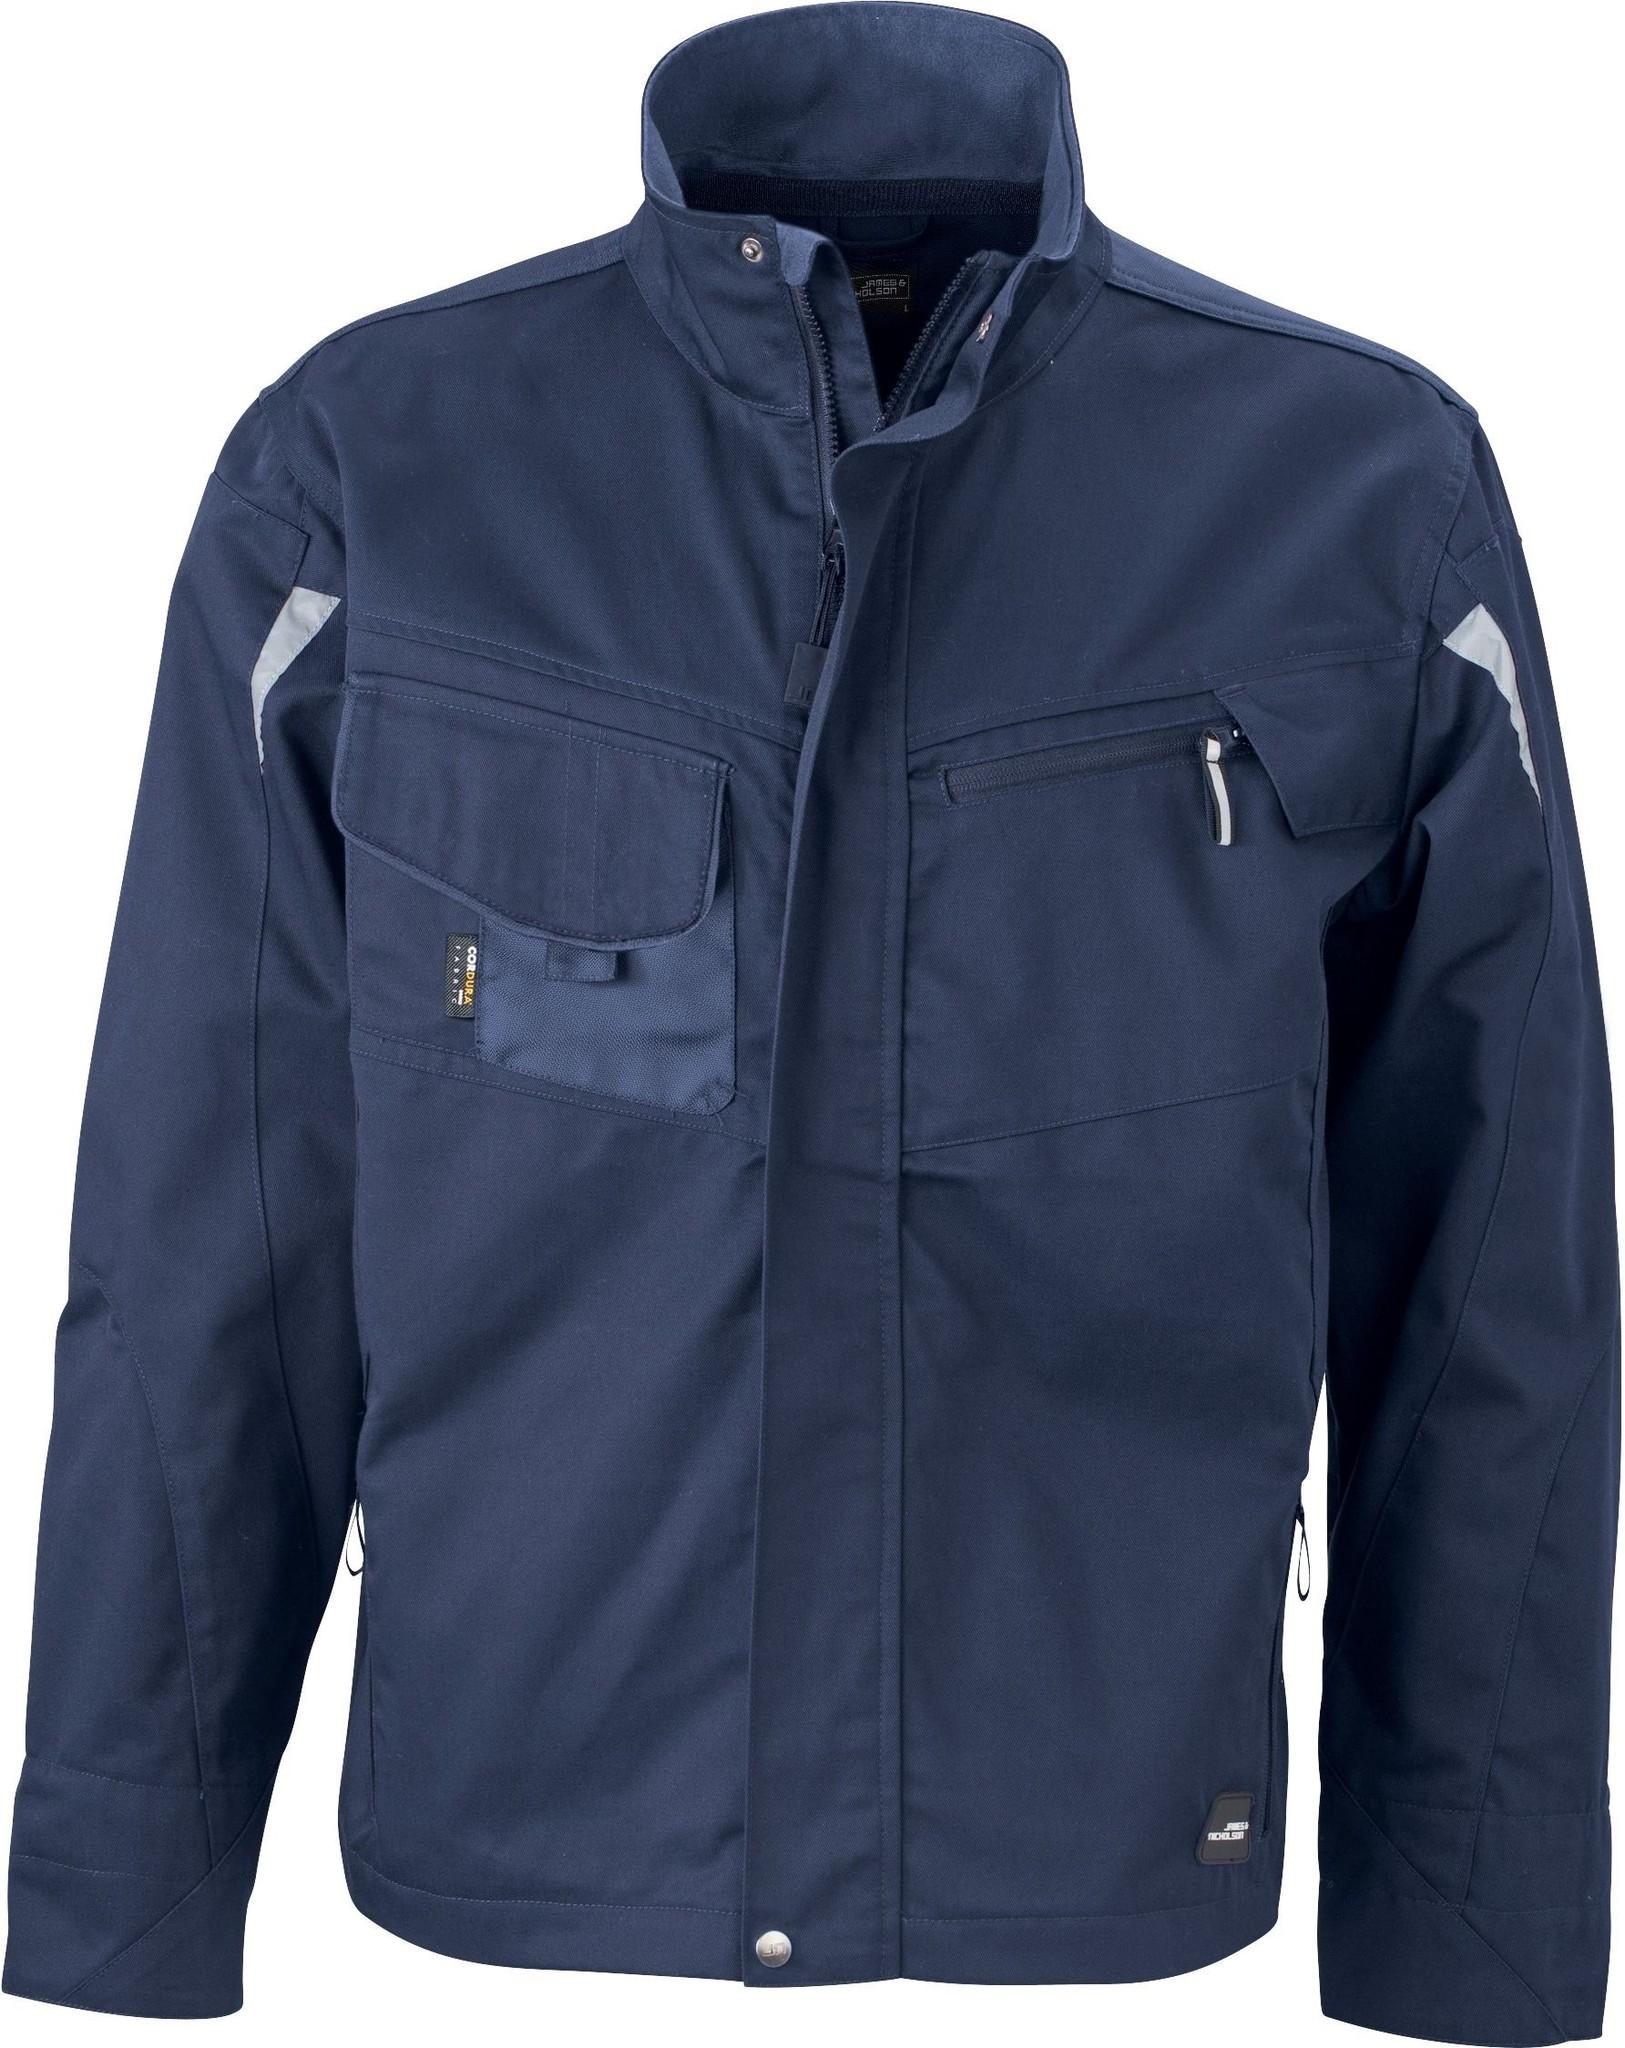 James Nicholson JN821 Navy Starke Softshell Jacke